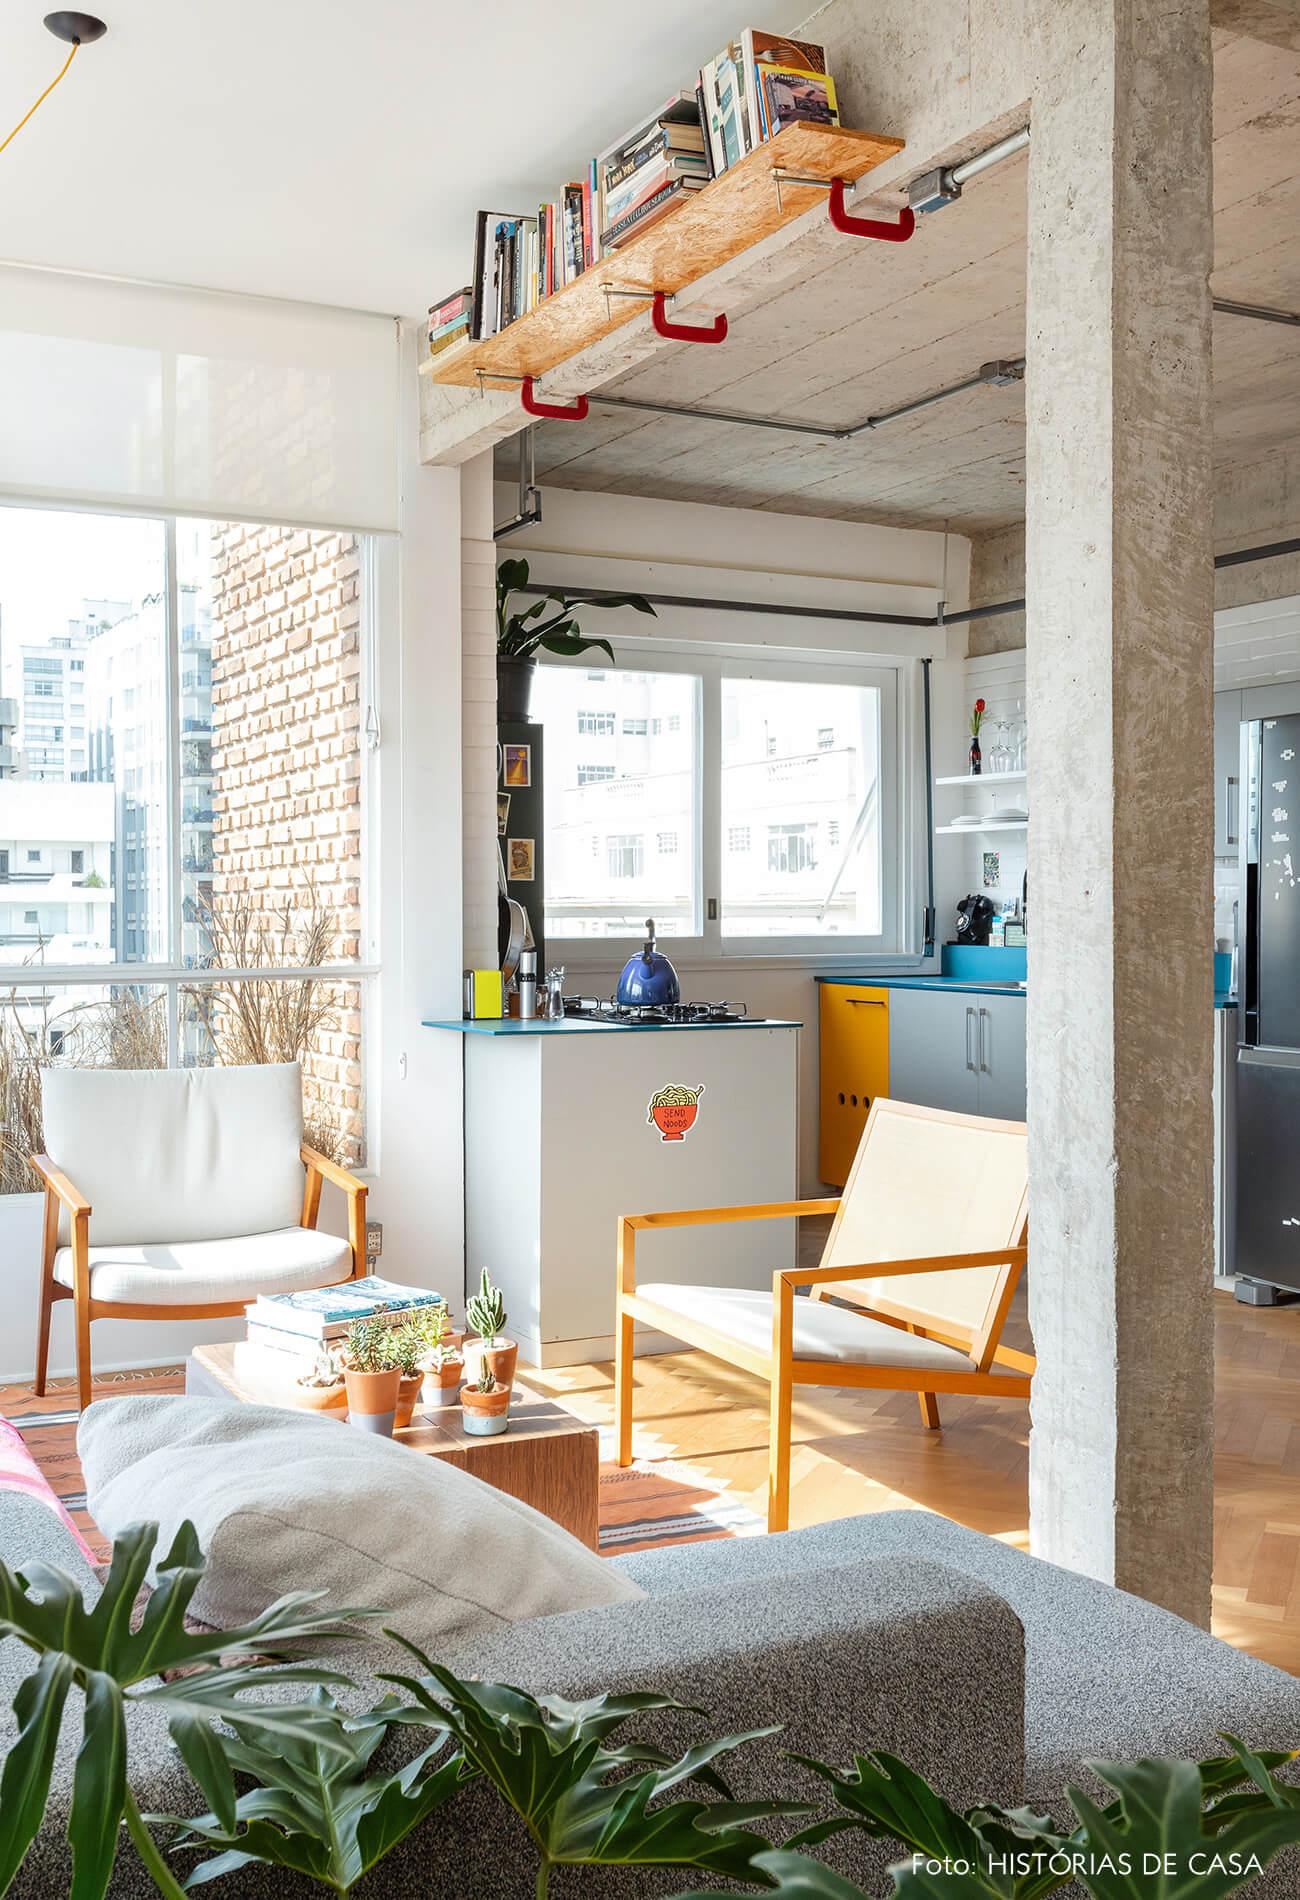 Apartamento com janelas de serralheria branca e cozinha integrada